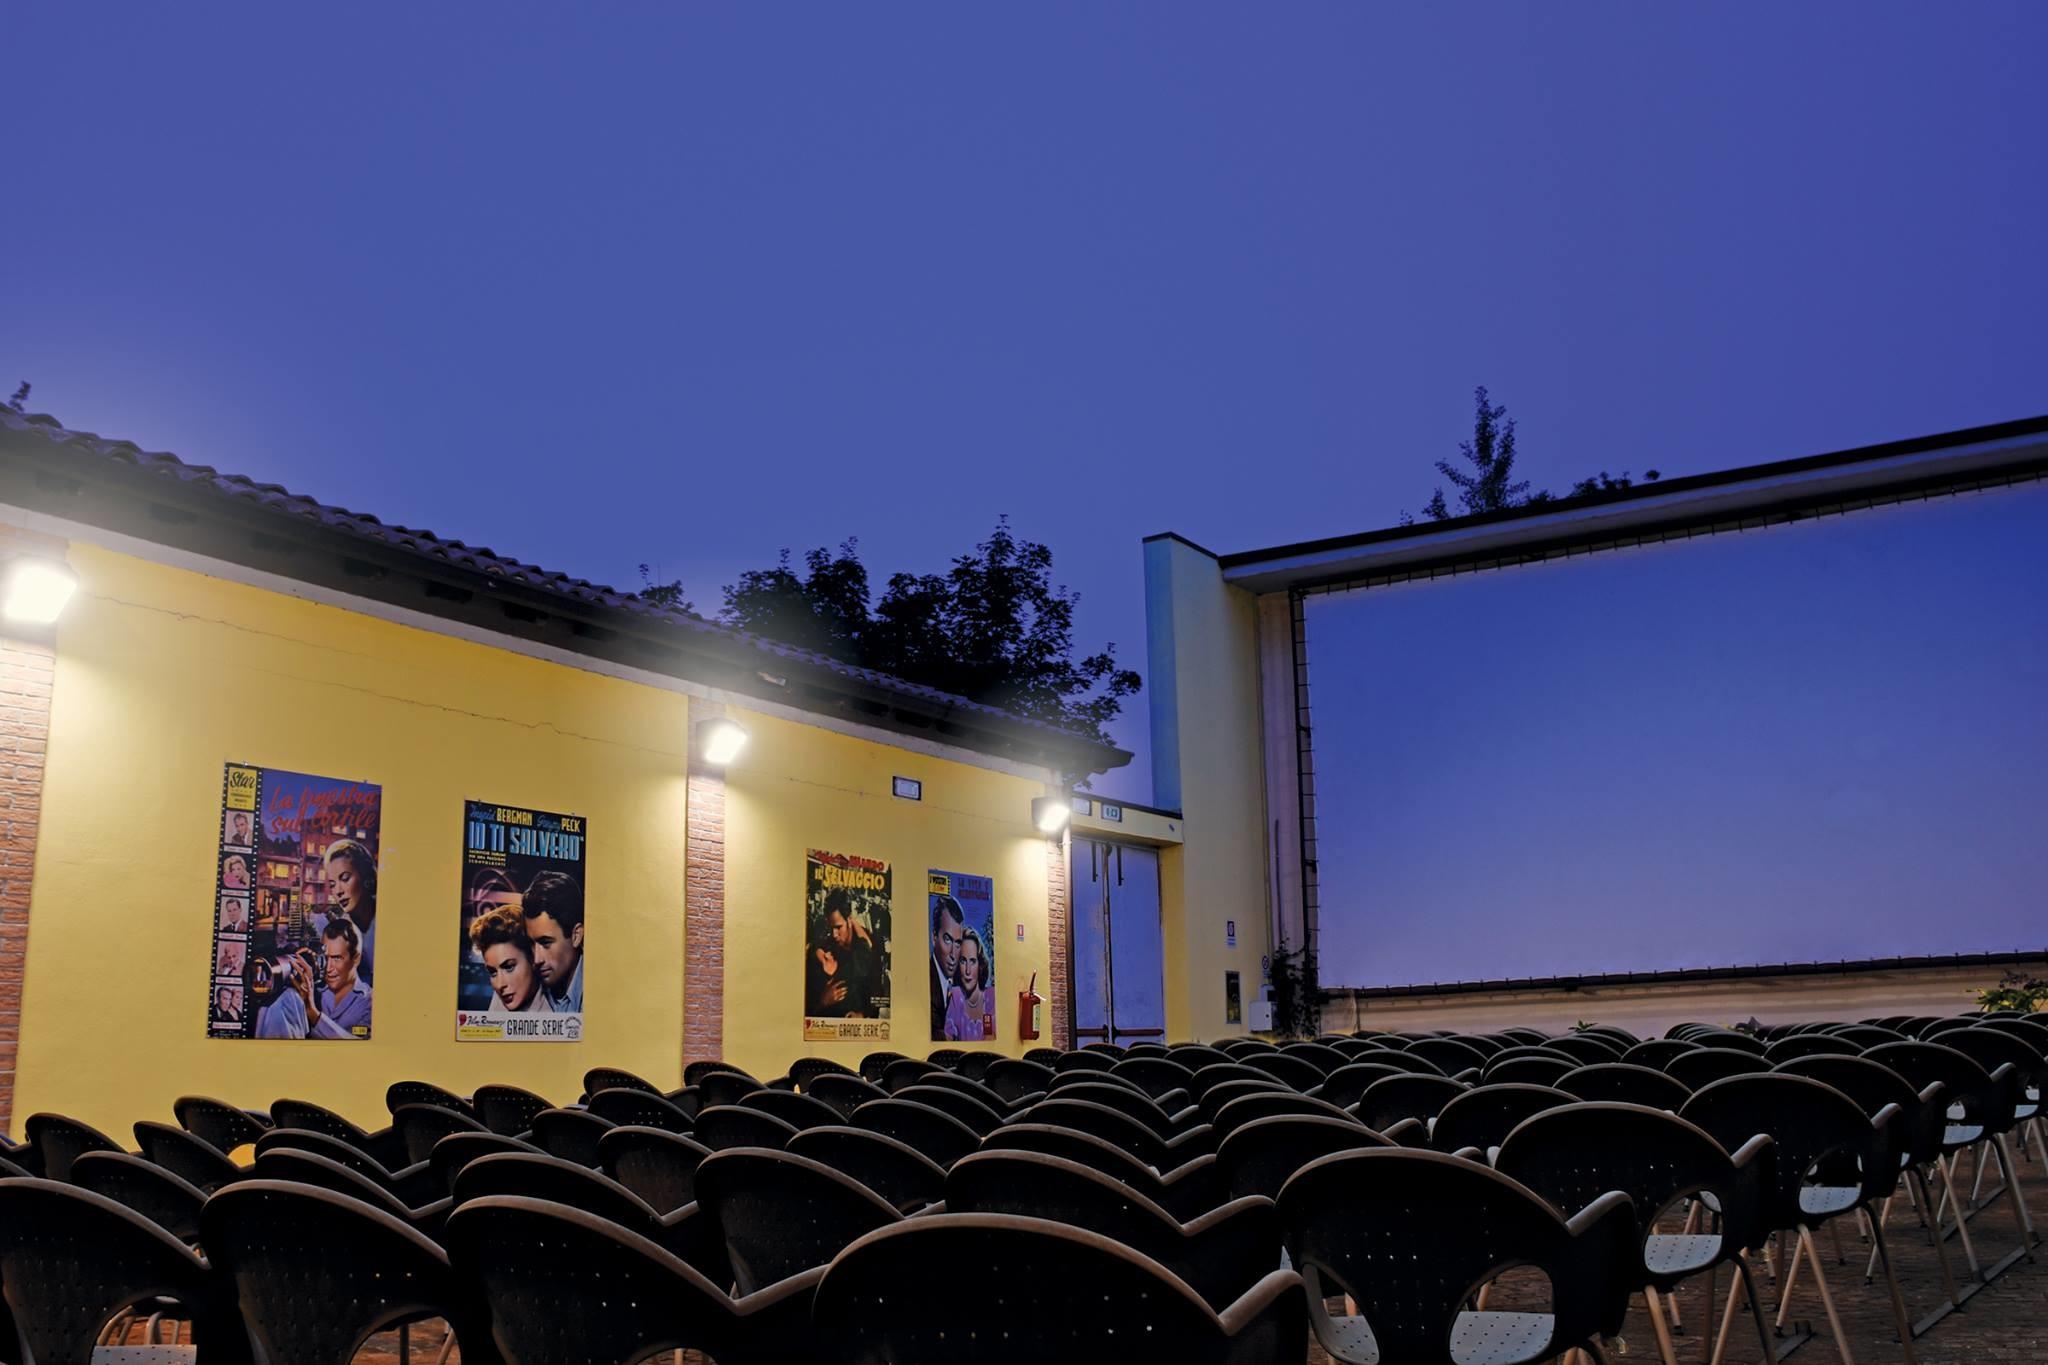 Cinema Edison arena estiva programma dal 24 al 29 luglio